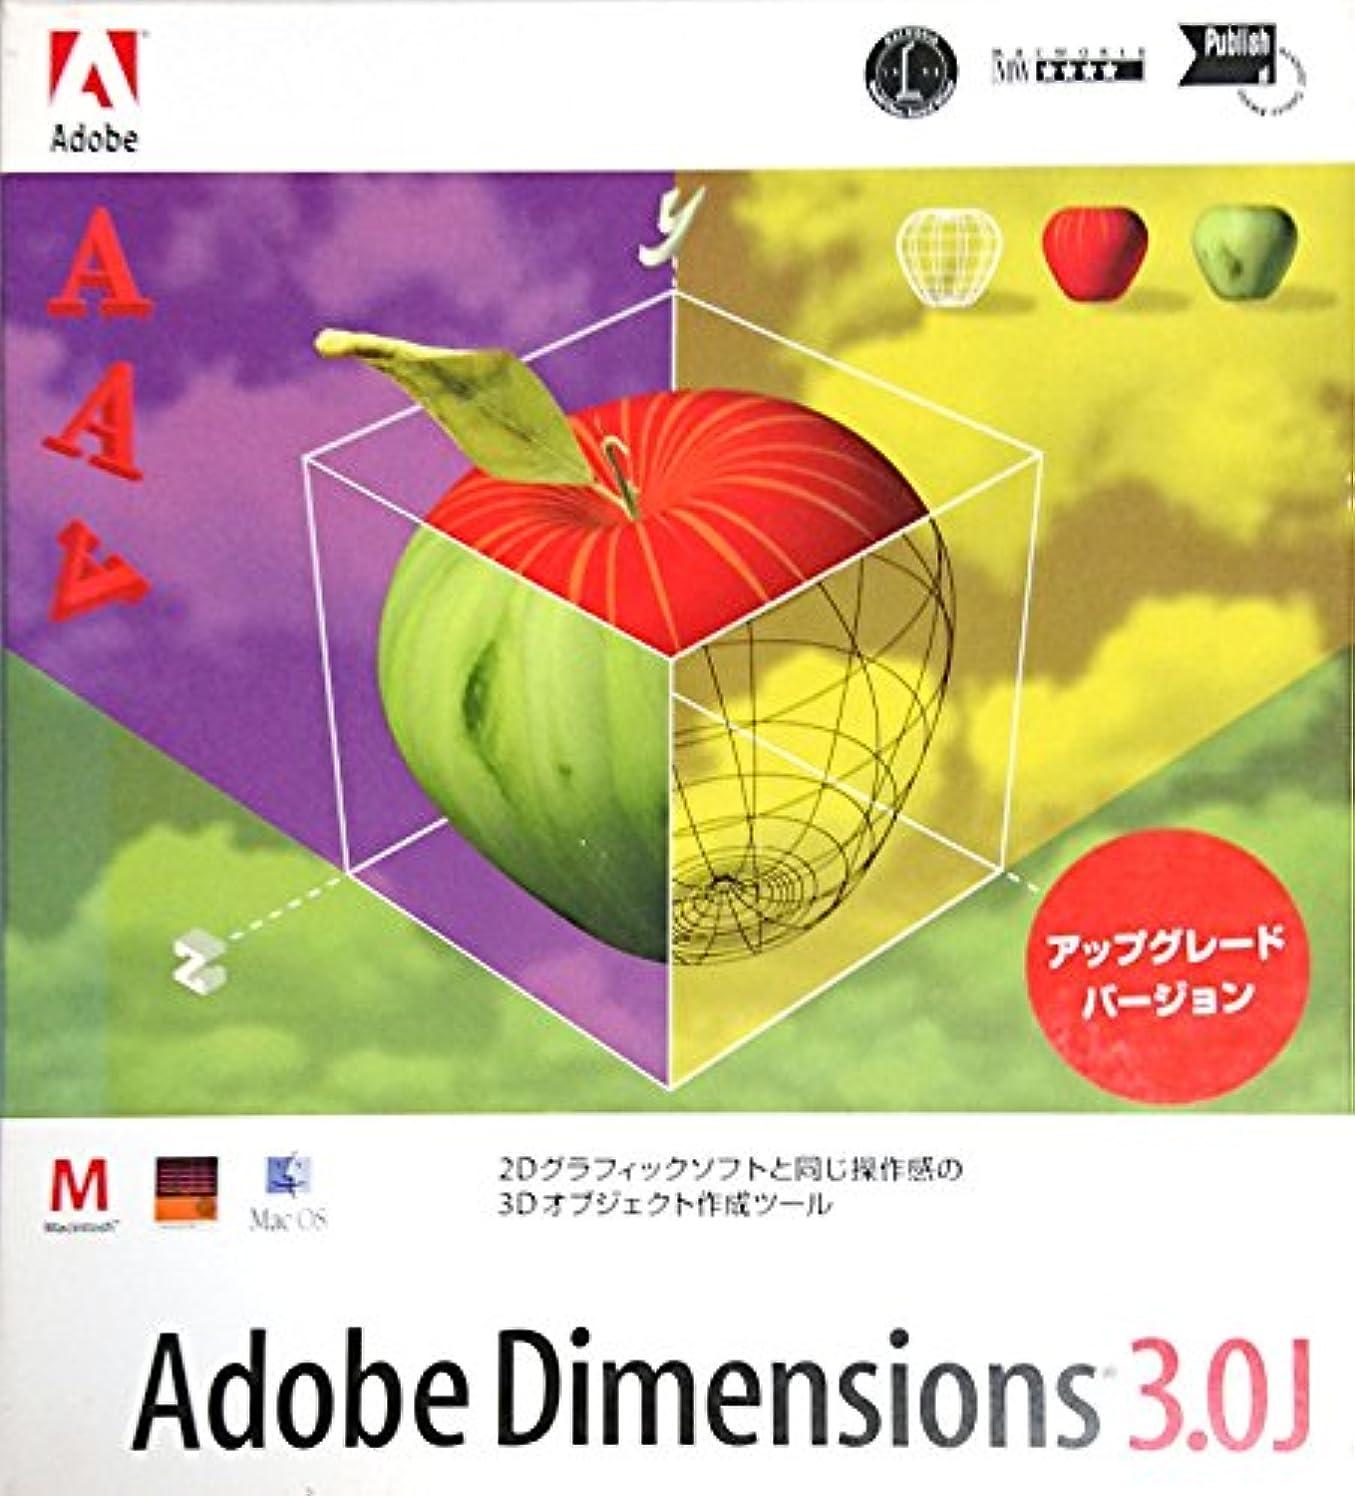 ソフィー交通不毛のAdobe Dimensions 3.0J アップグレードバージョン Macintosh